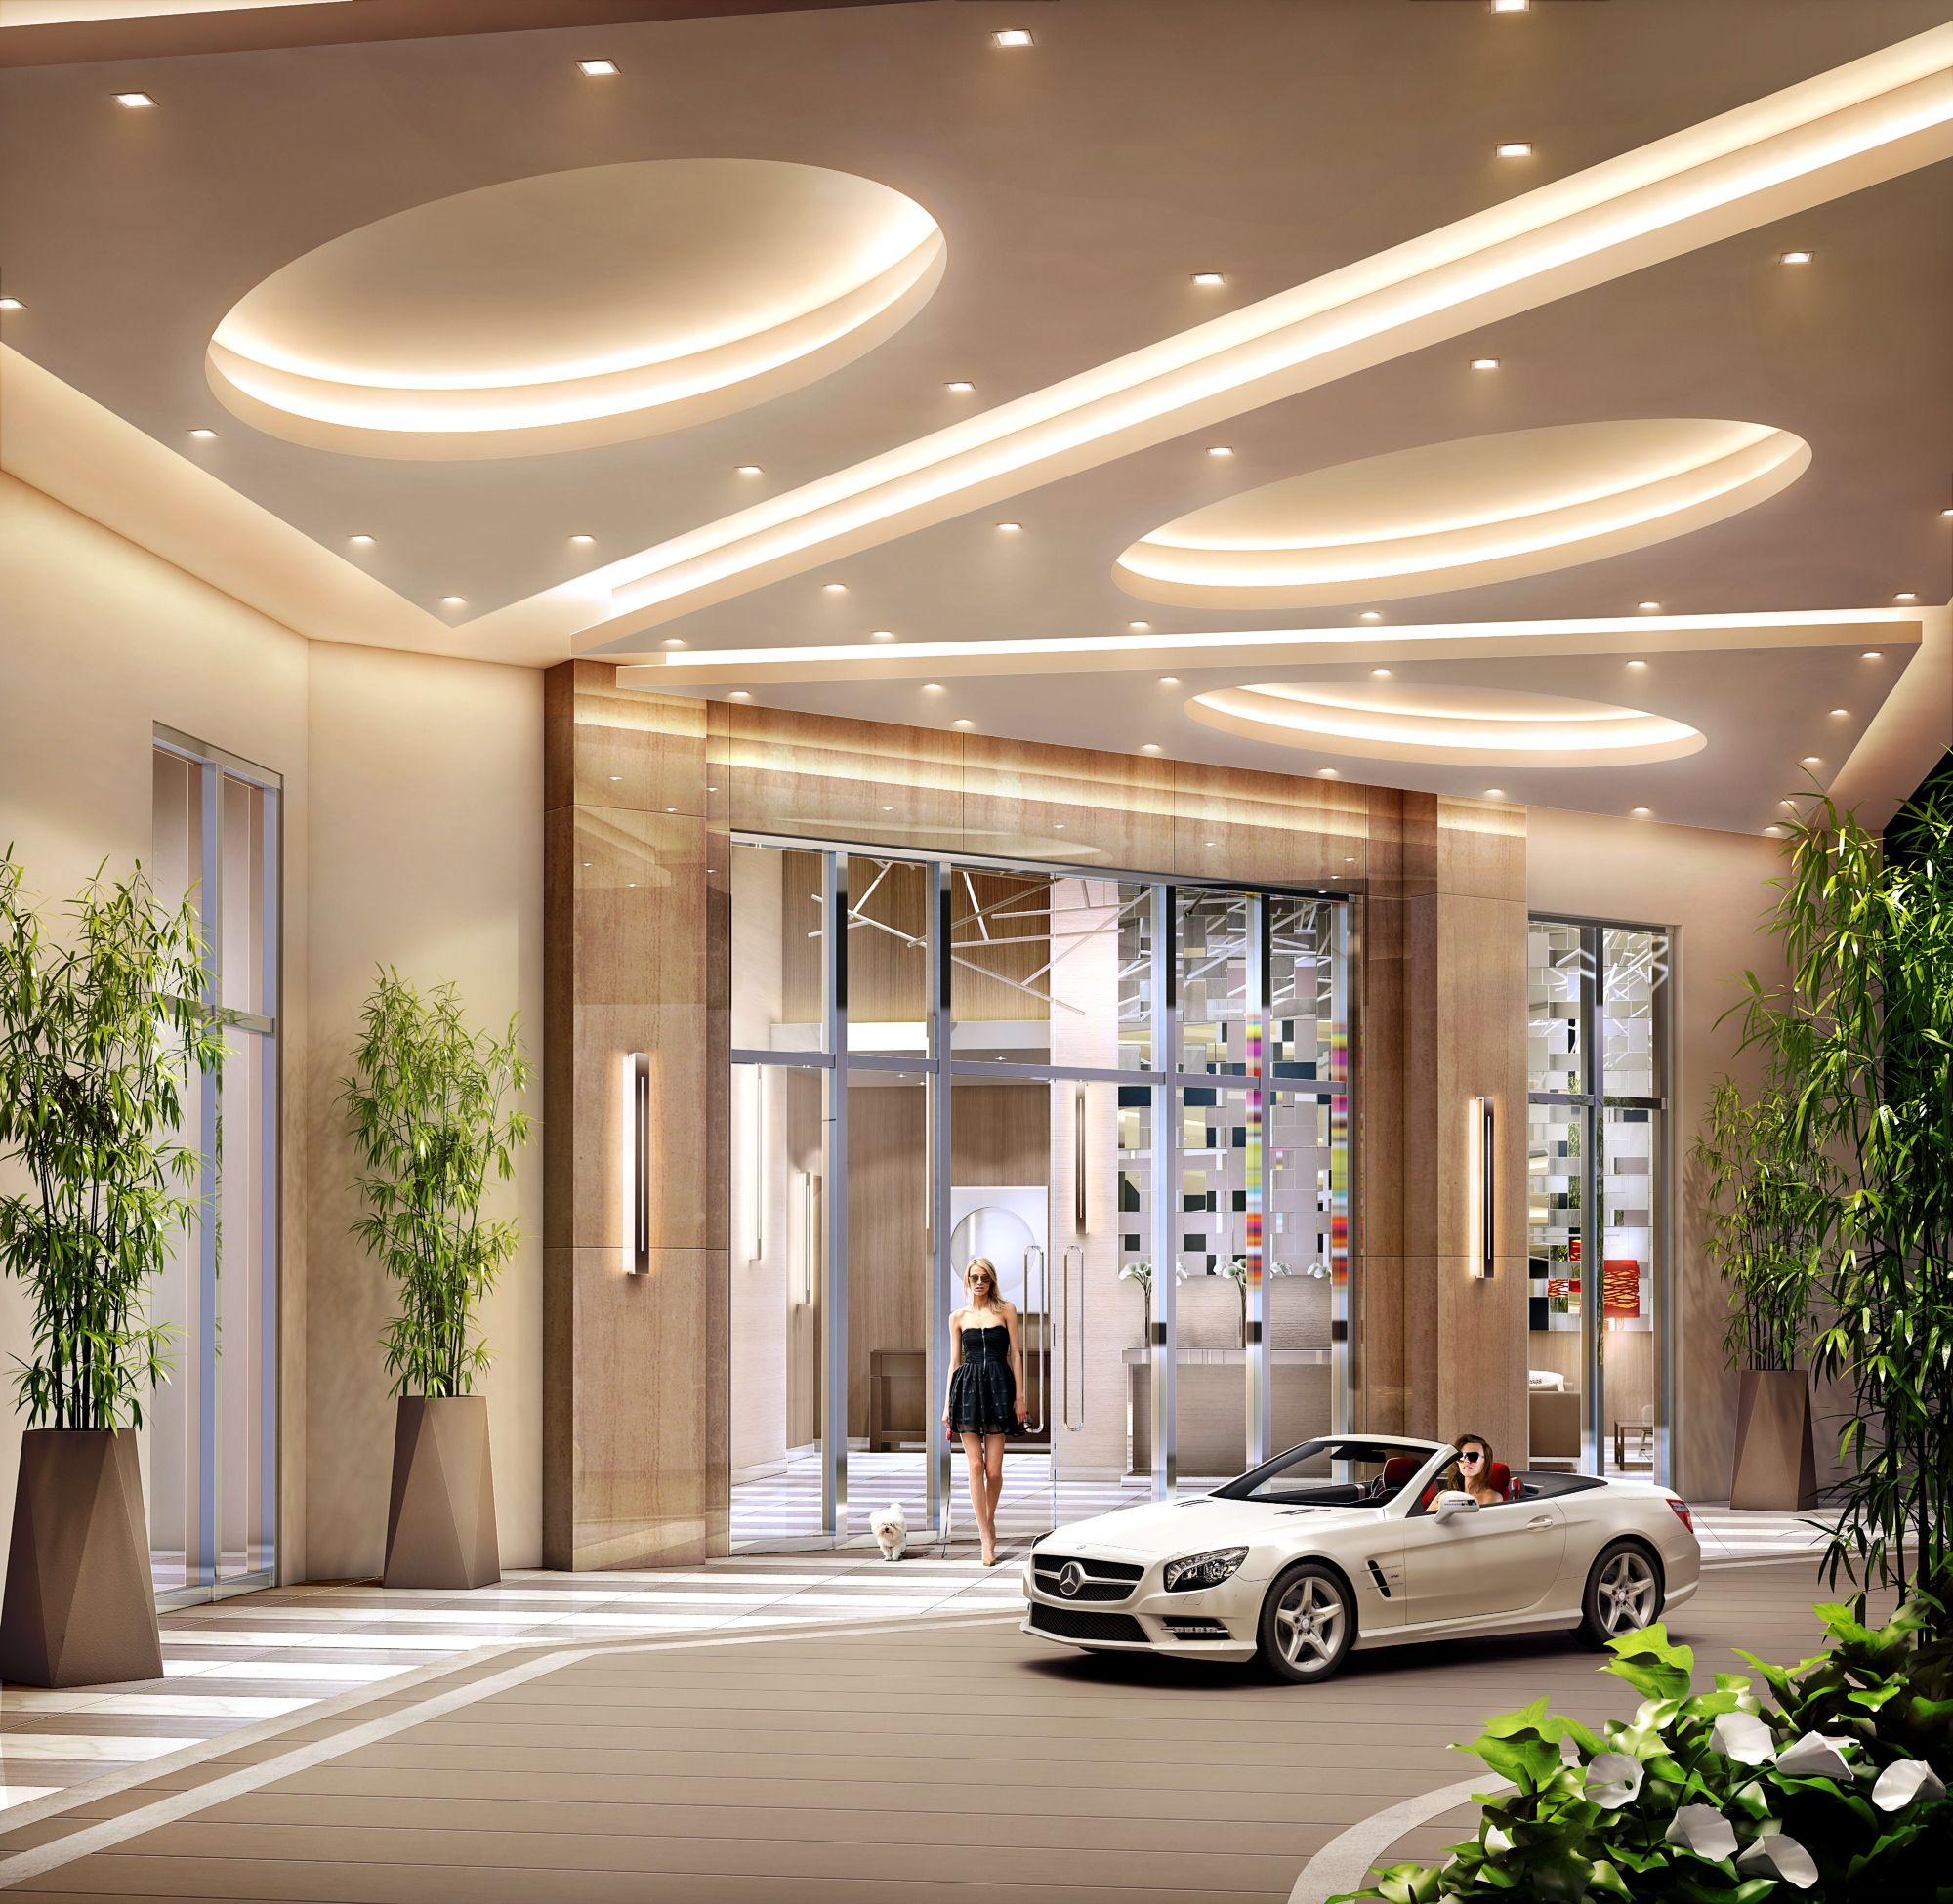 grand entrance porte cochere google search grand entrance porte cochere pinterest grand. Black Bedroom Furniture Sets. Home Design Ideas